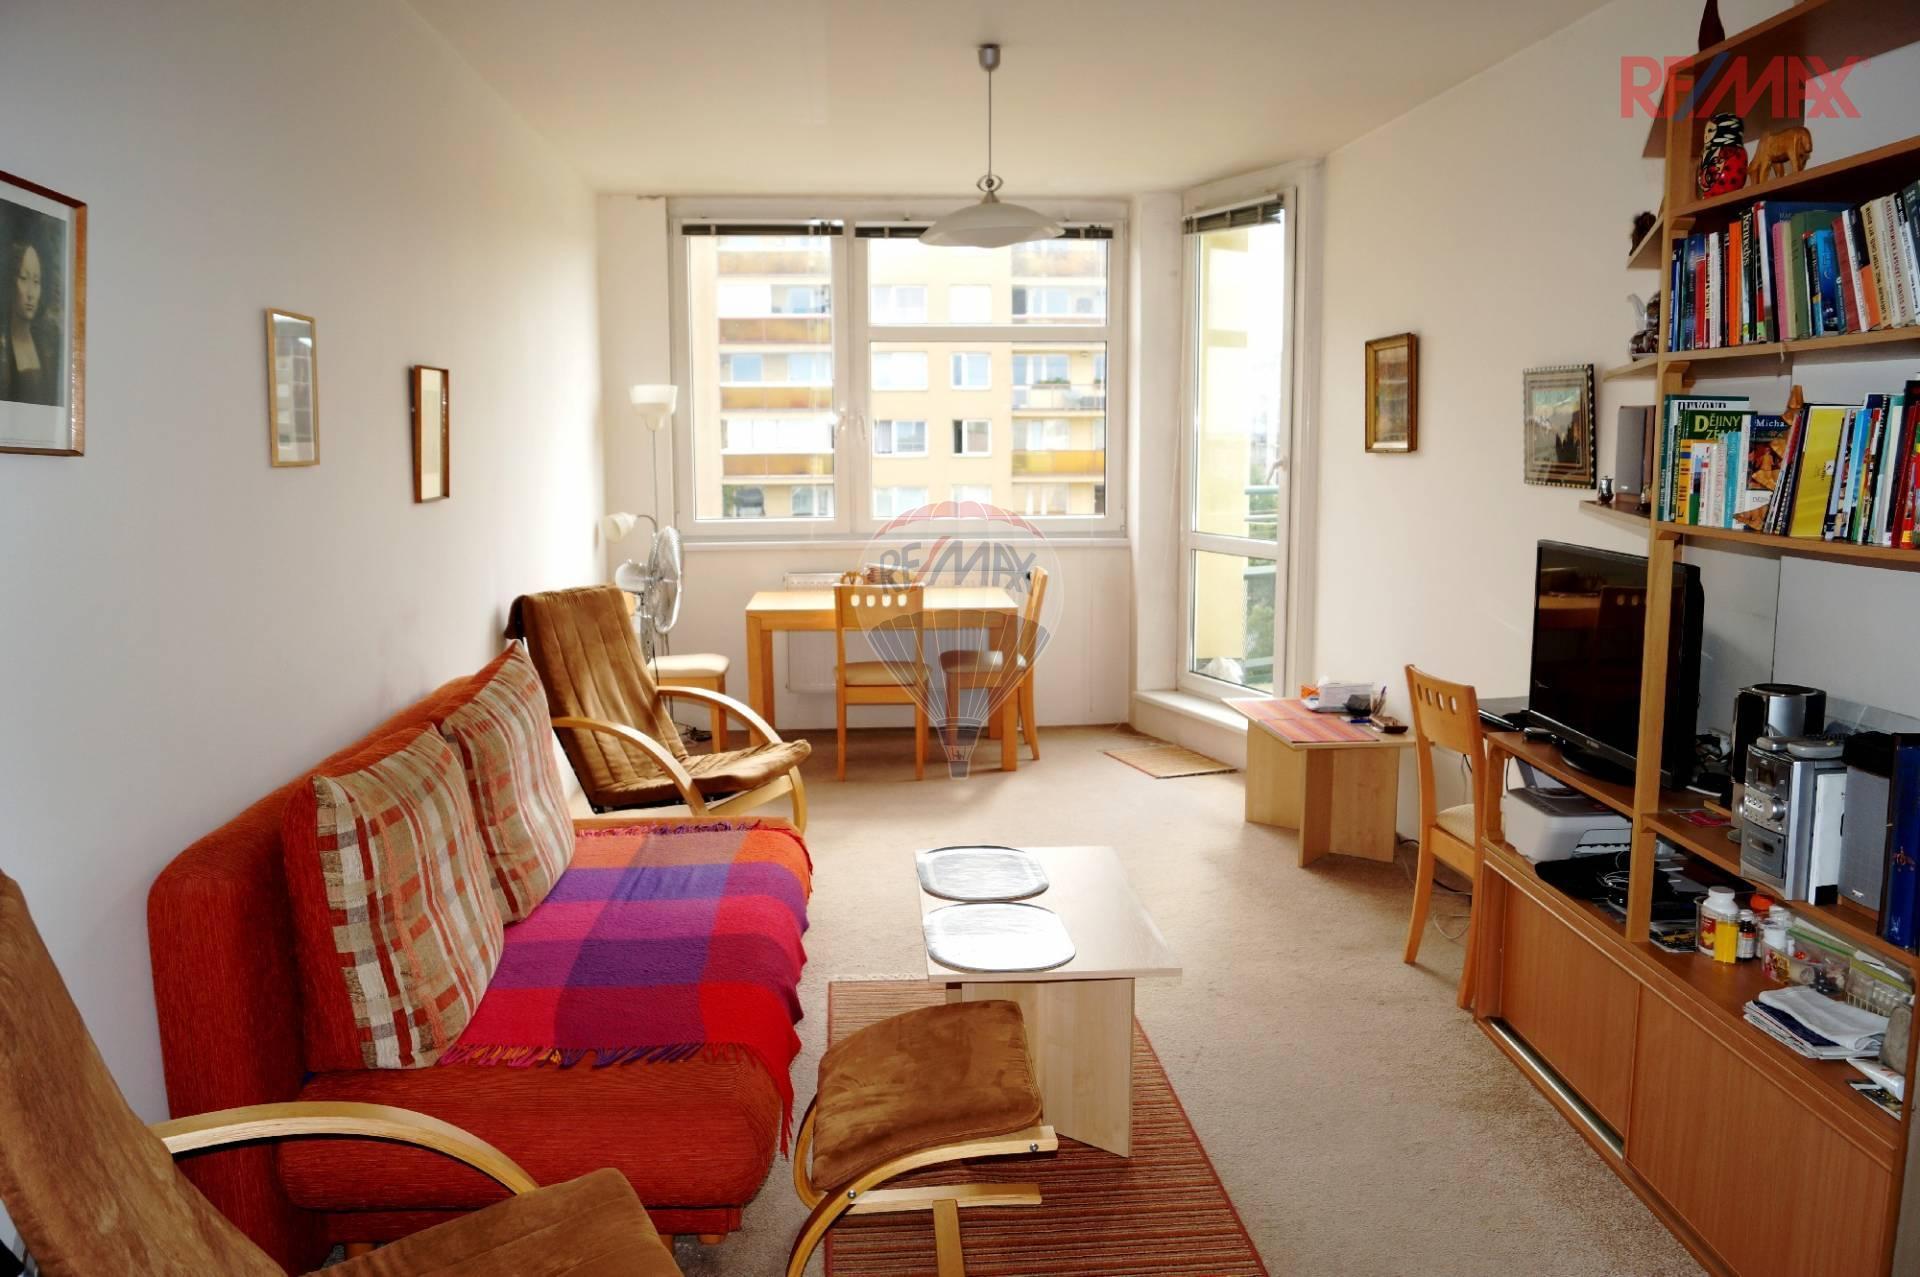 Prodaný byt 2+kk s balkonem a zamykatelnou garáží, Voskovcova, Praha 5